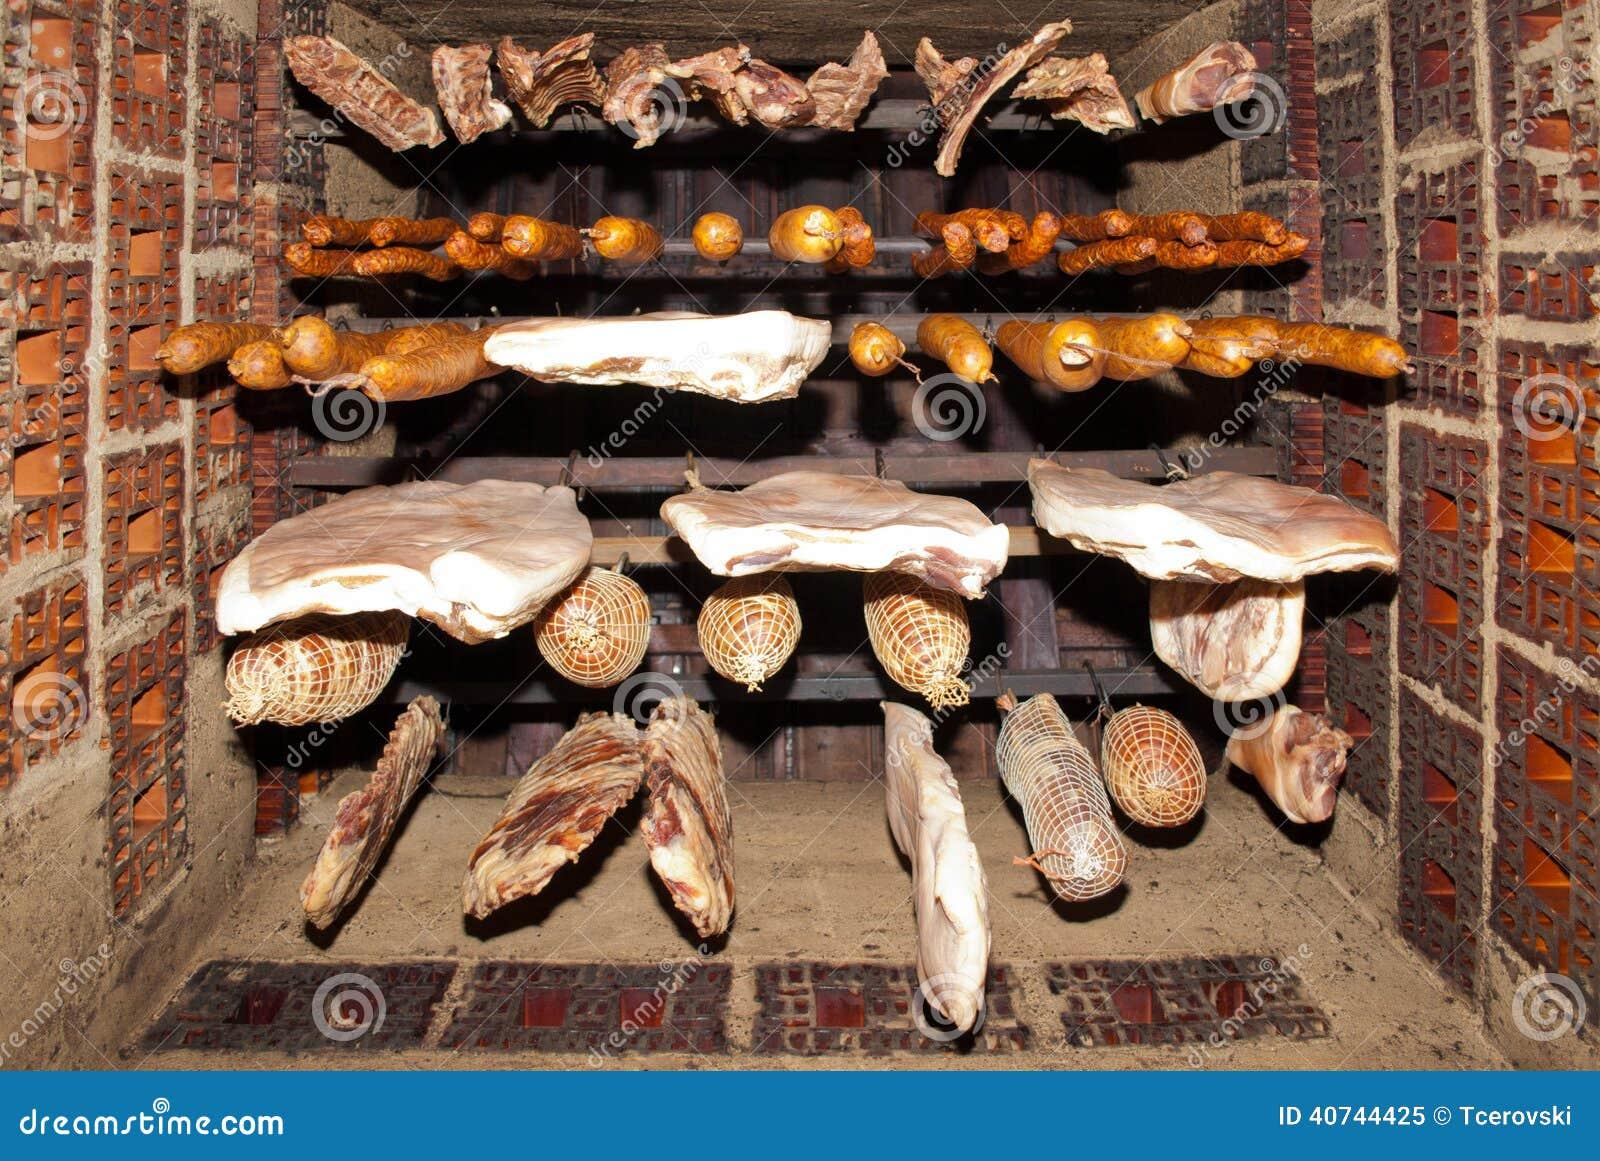 nourriture traditionnelle viande fum e accrochant dans le fumoir domestique image stock image. Black Bedroom Furniture Sets. Home Design Ideas